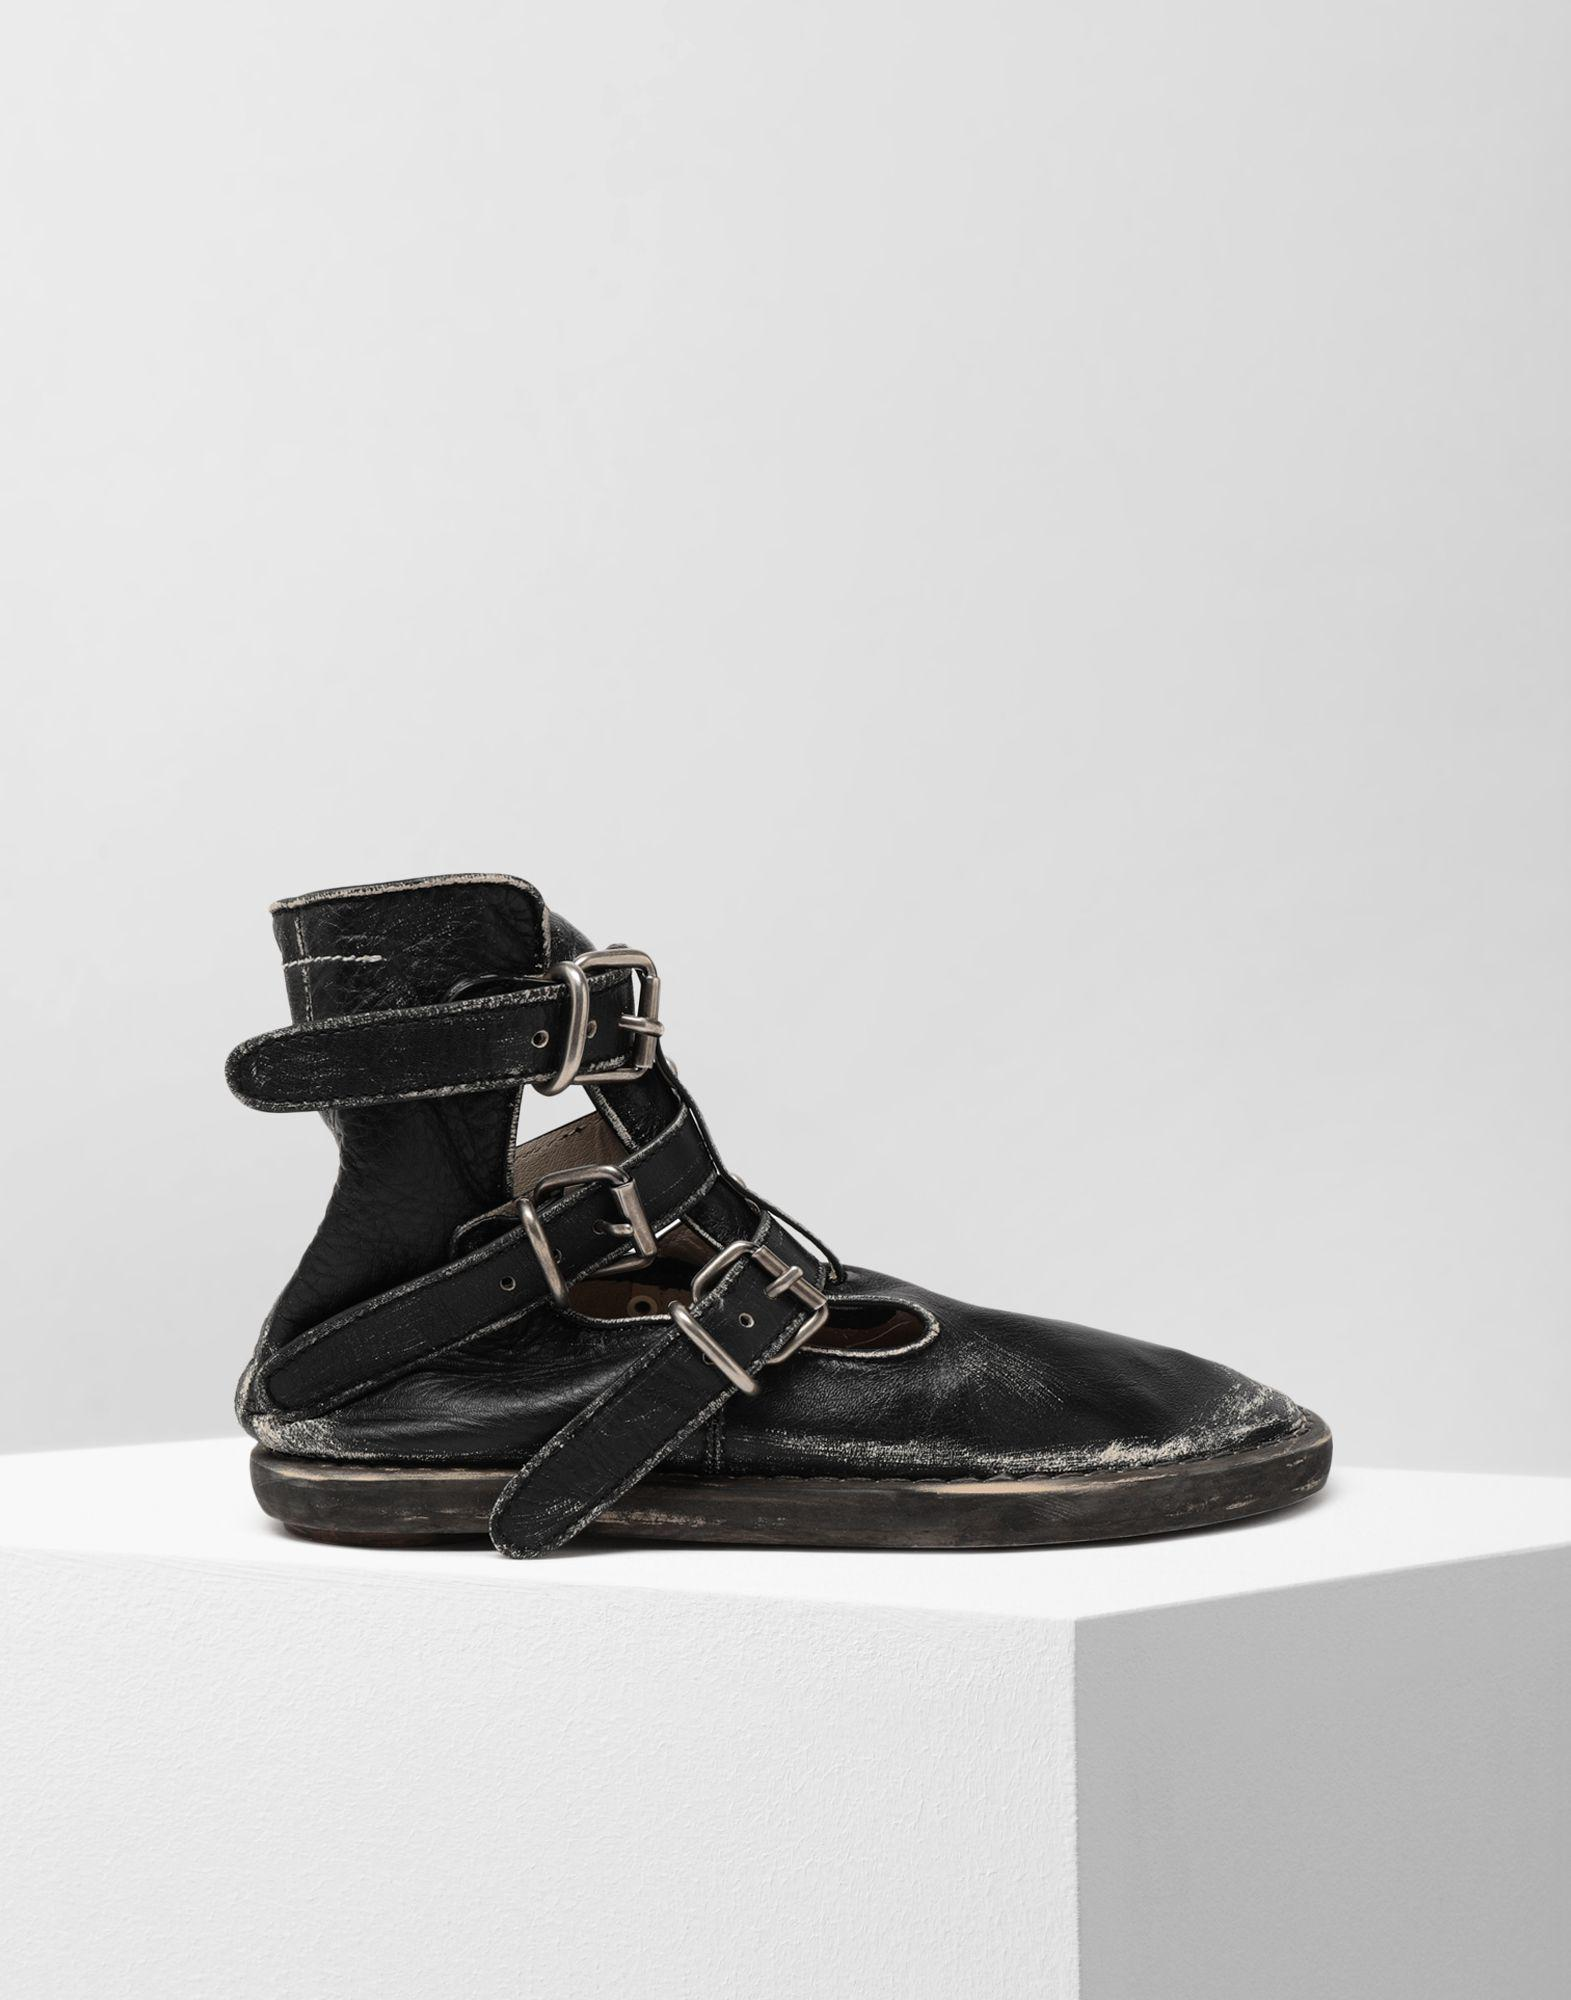 9b7e1d45f43d Lyst - MM6 by Maison Martin Margiela Fuss-bett High Top Sandals in Black